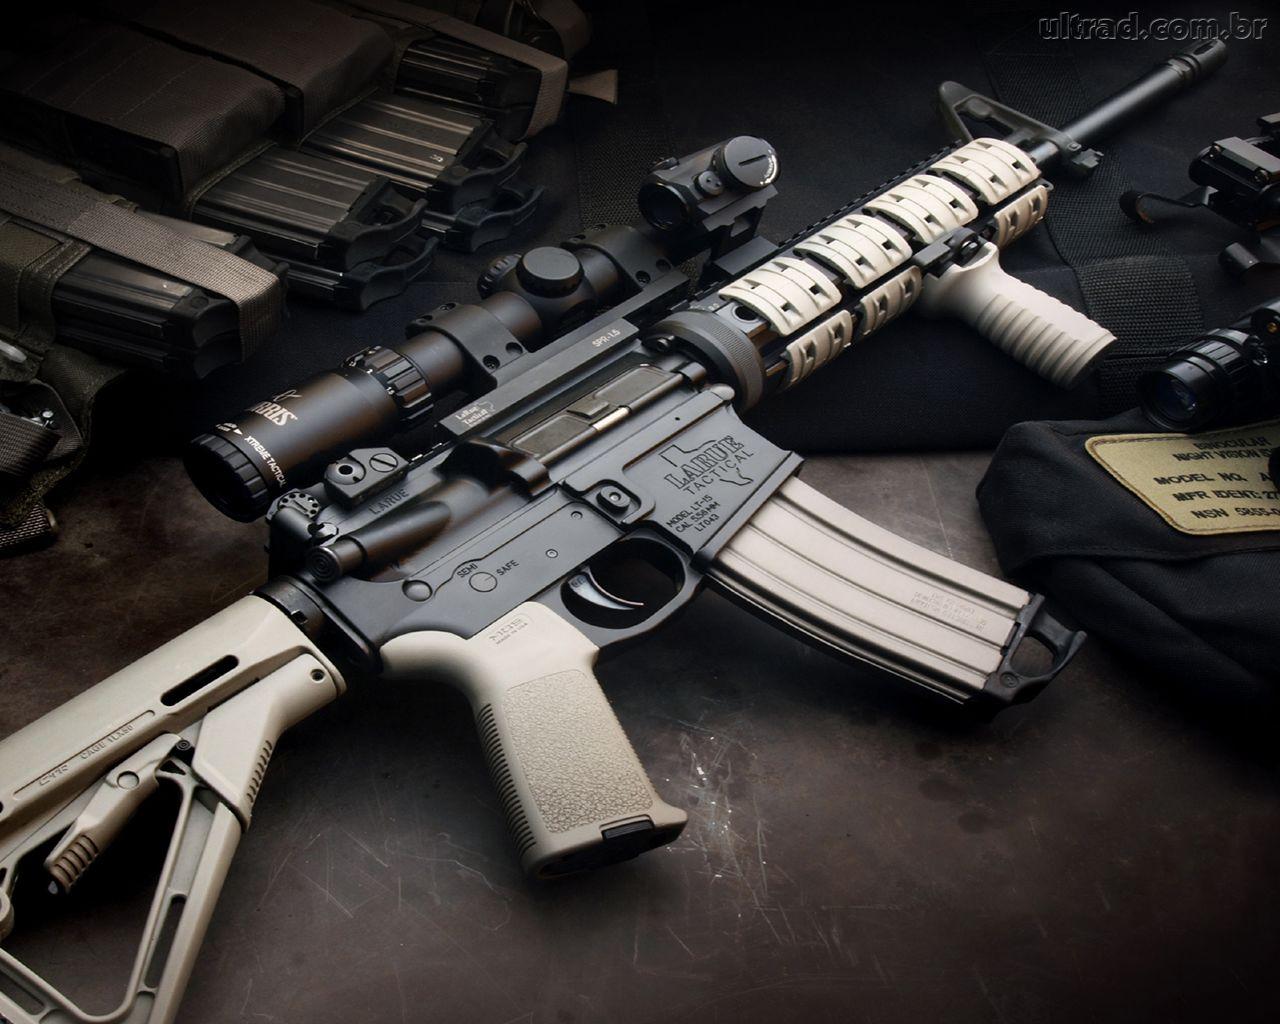 Bandidos usaram armas de grosso calibre contra os agentes da DPA de Ilhéus. Imagem ilustrativa.